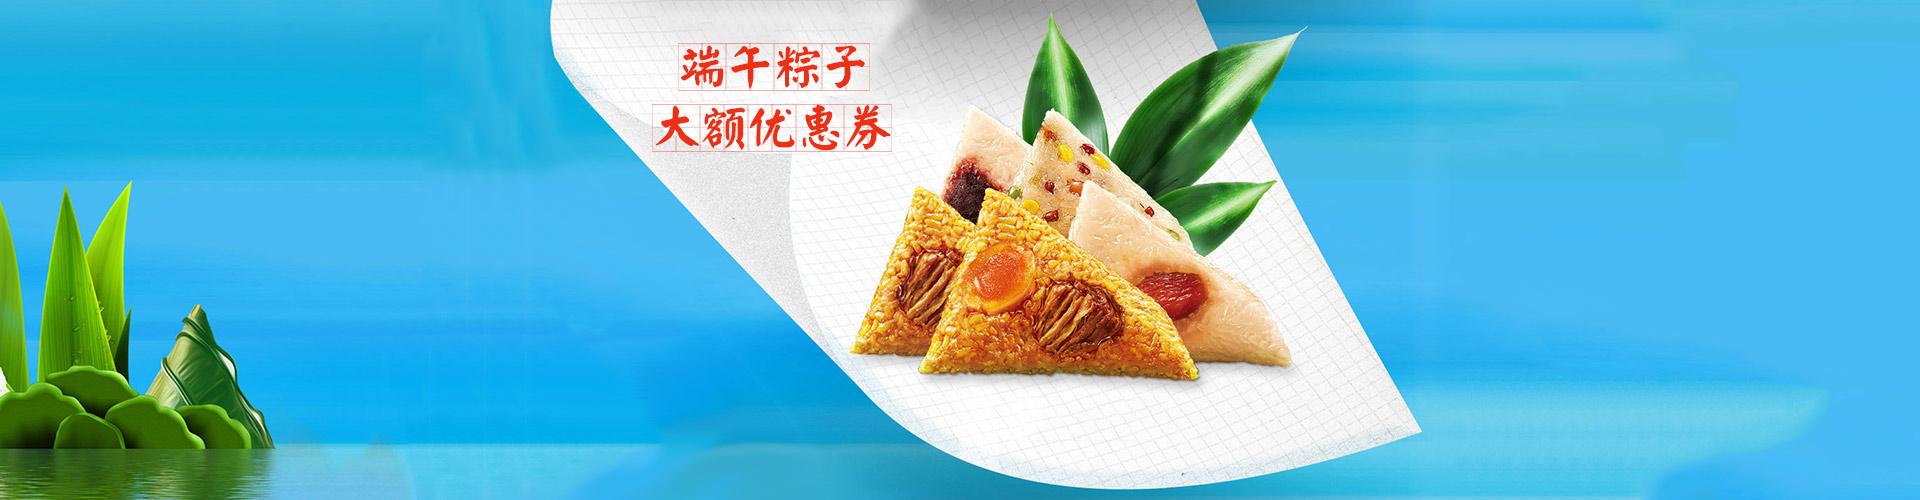 端午节粽子特惠